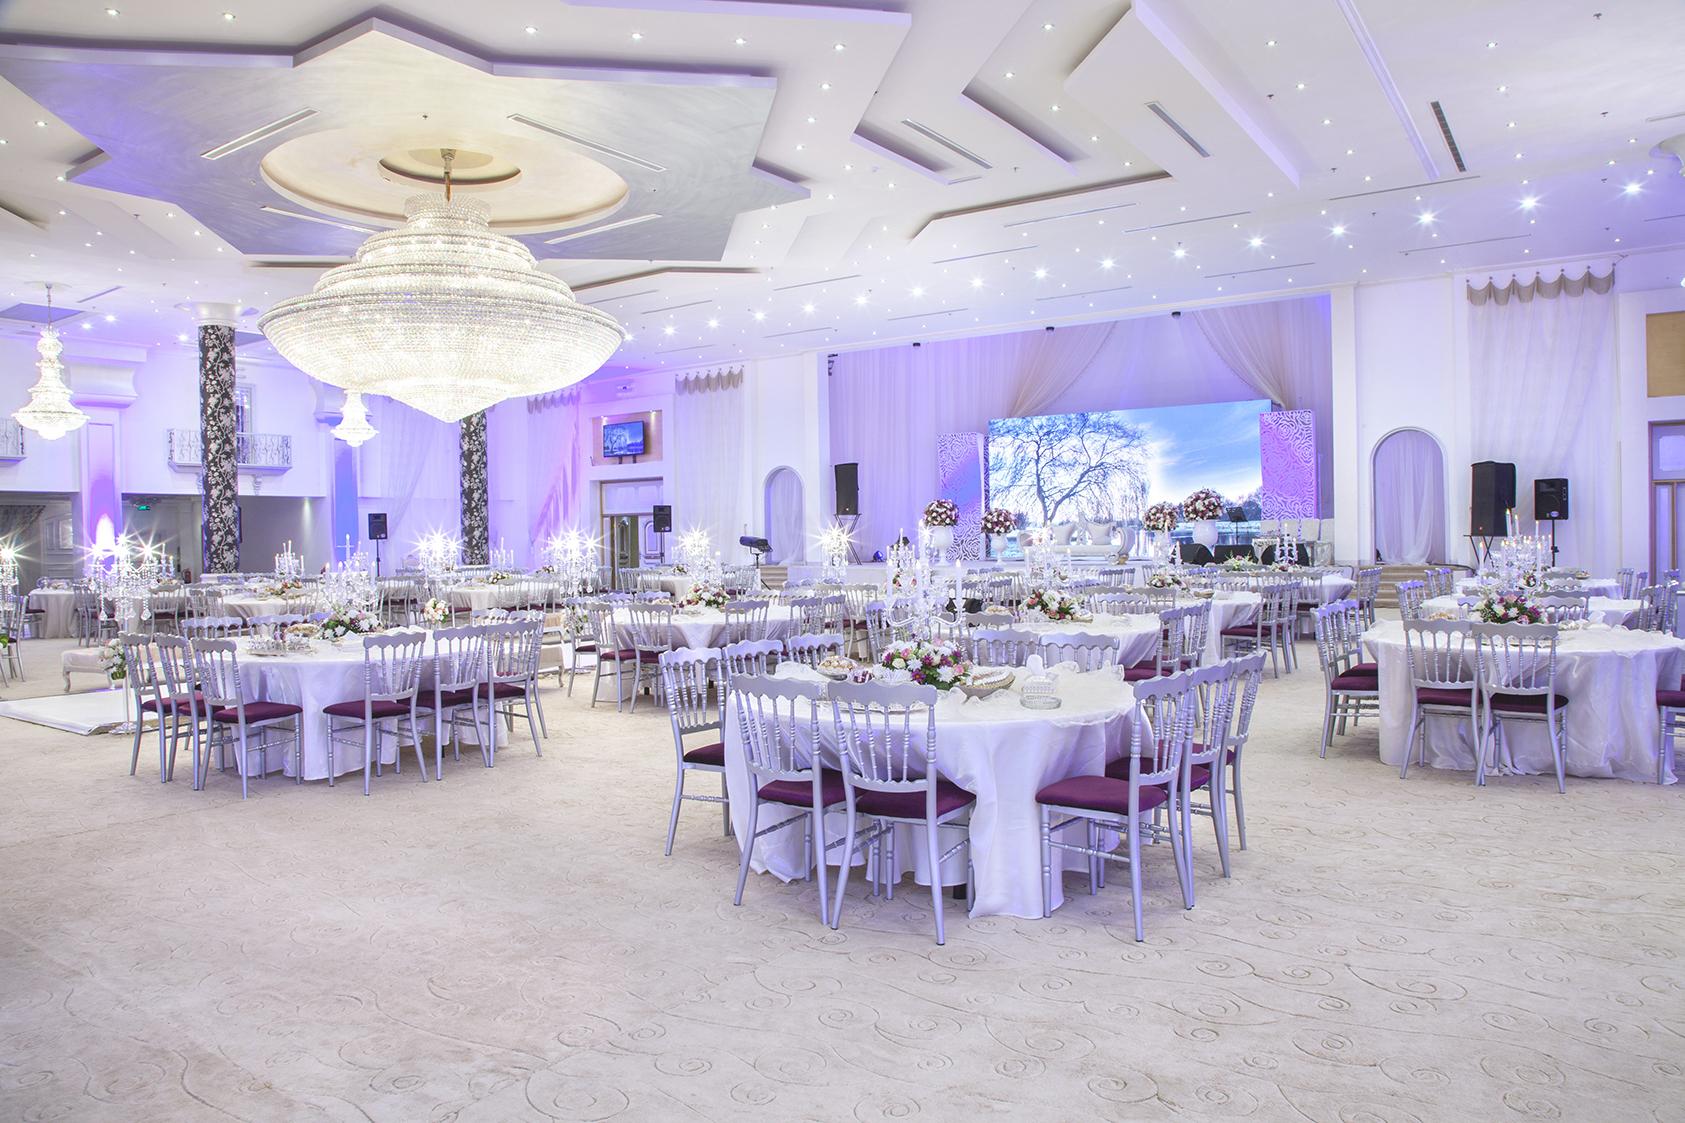 القاعة الكبرى للأحتفالات والمؤتمرات مجموعة الفهيد التجارية